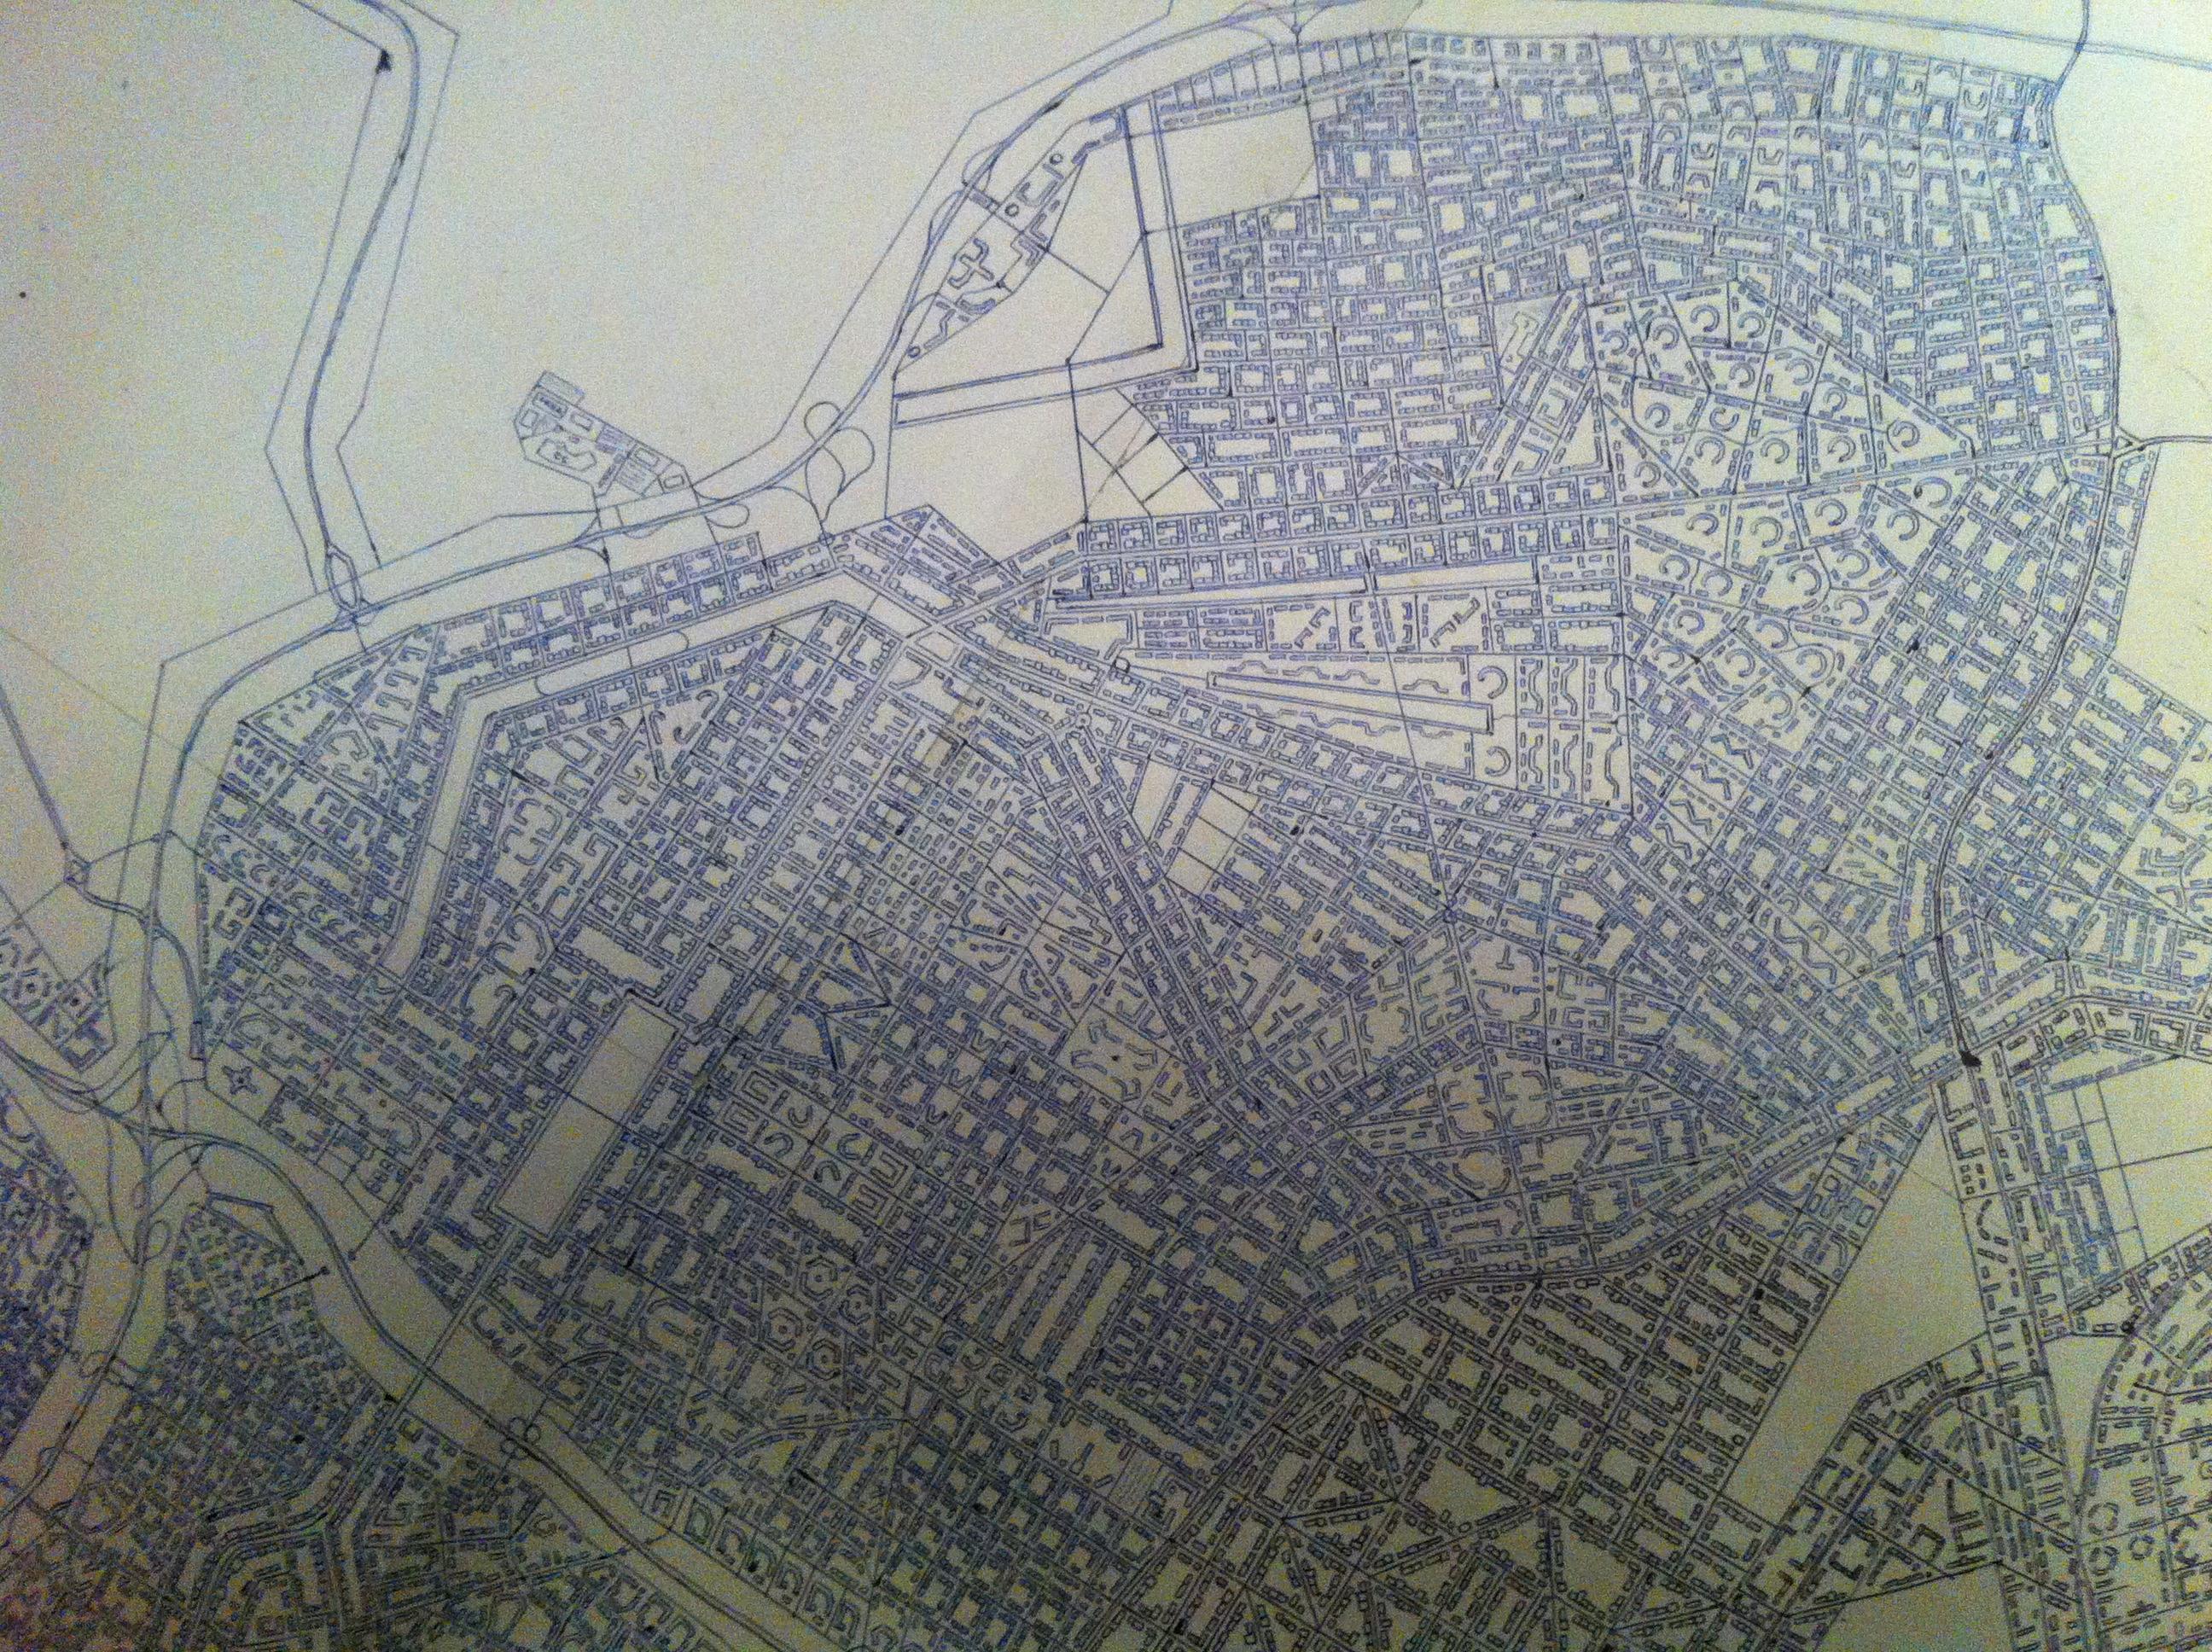 Novo Guimarães detail 3 - northwestern part